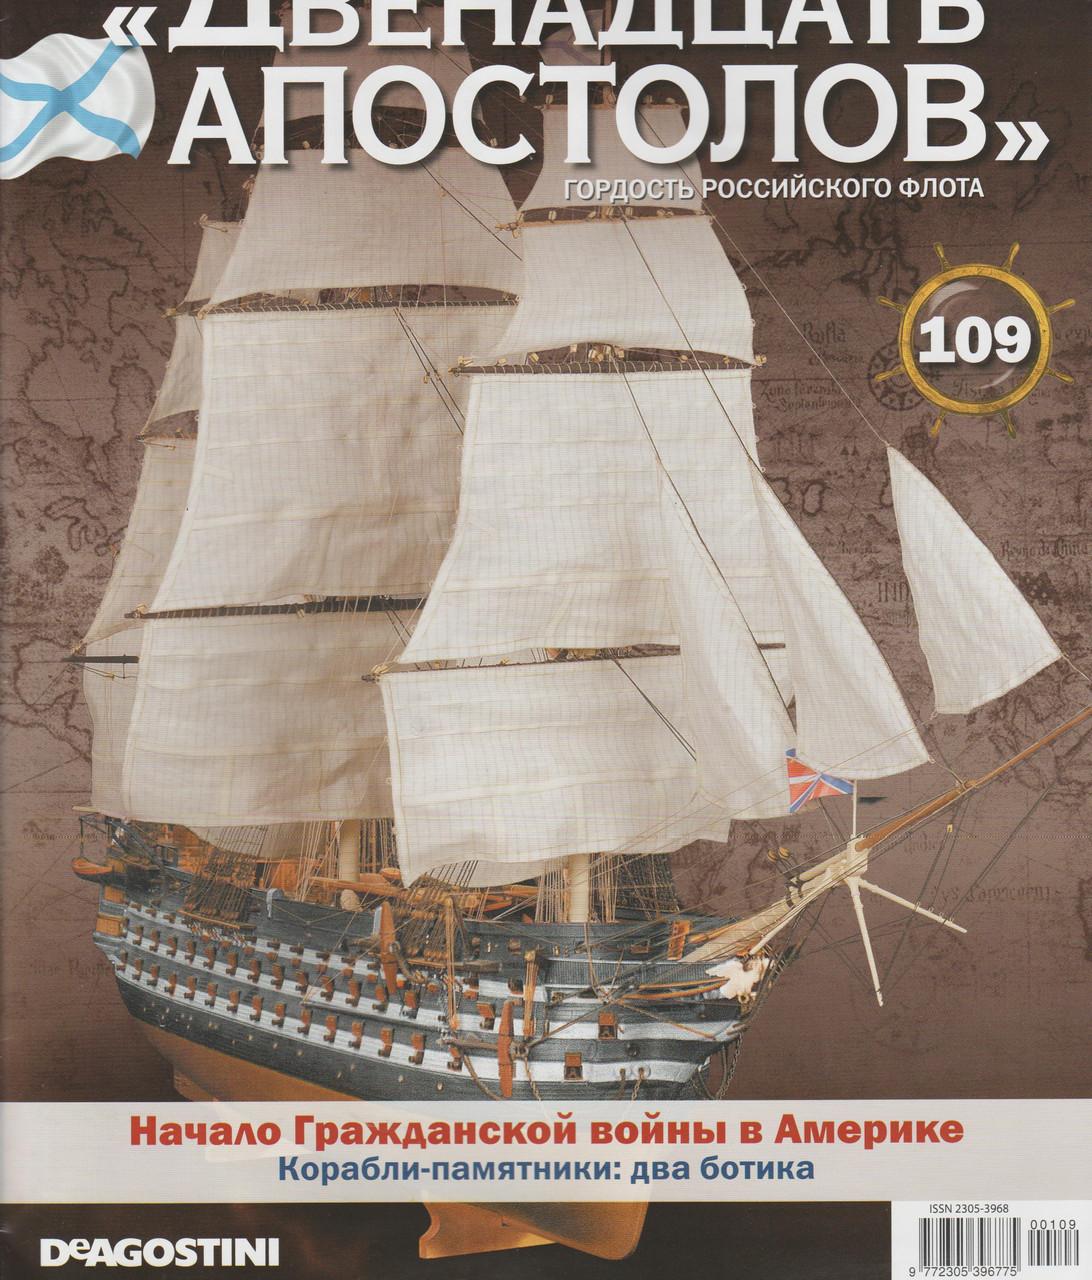 Линейный корабль «Двенадцать Апостолов» №109